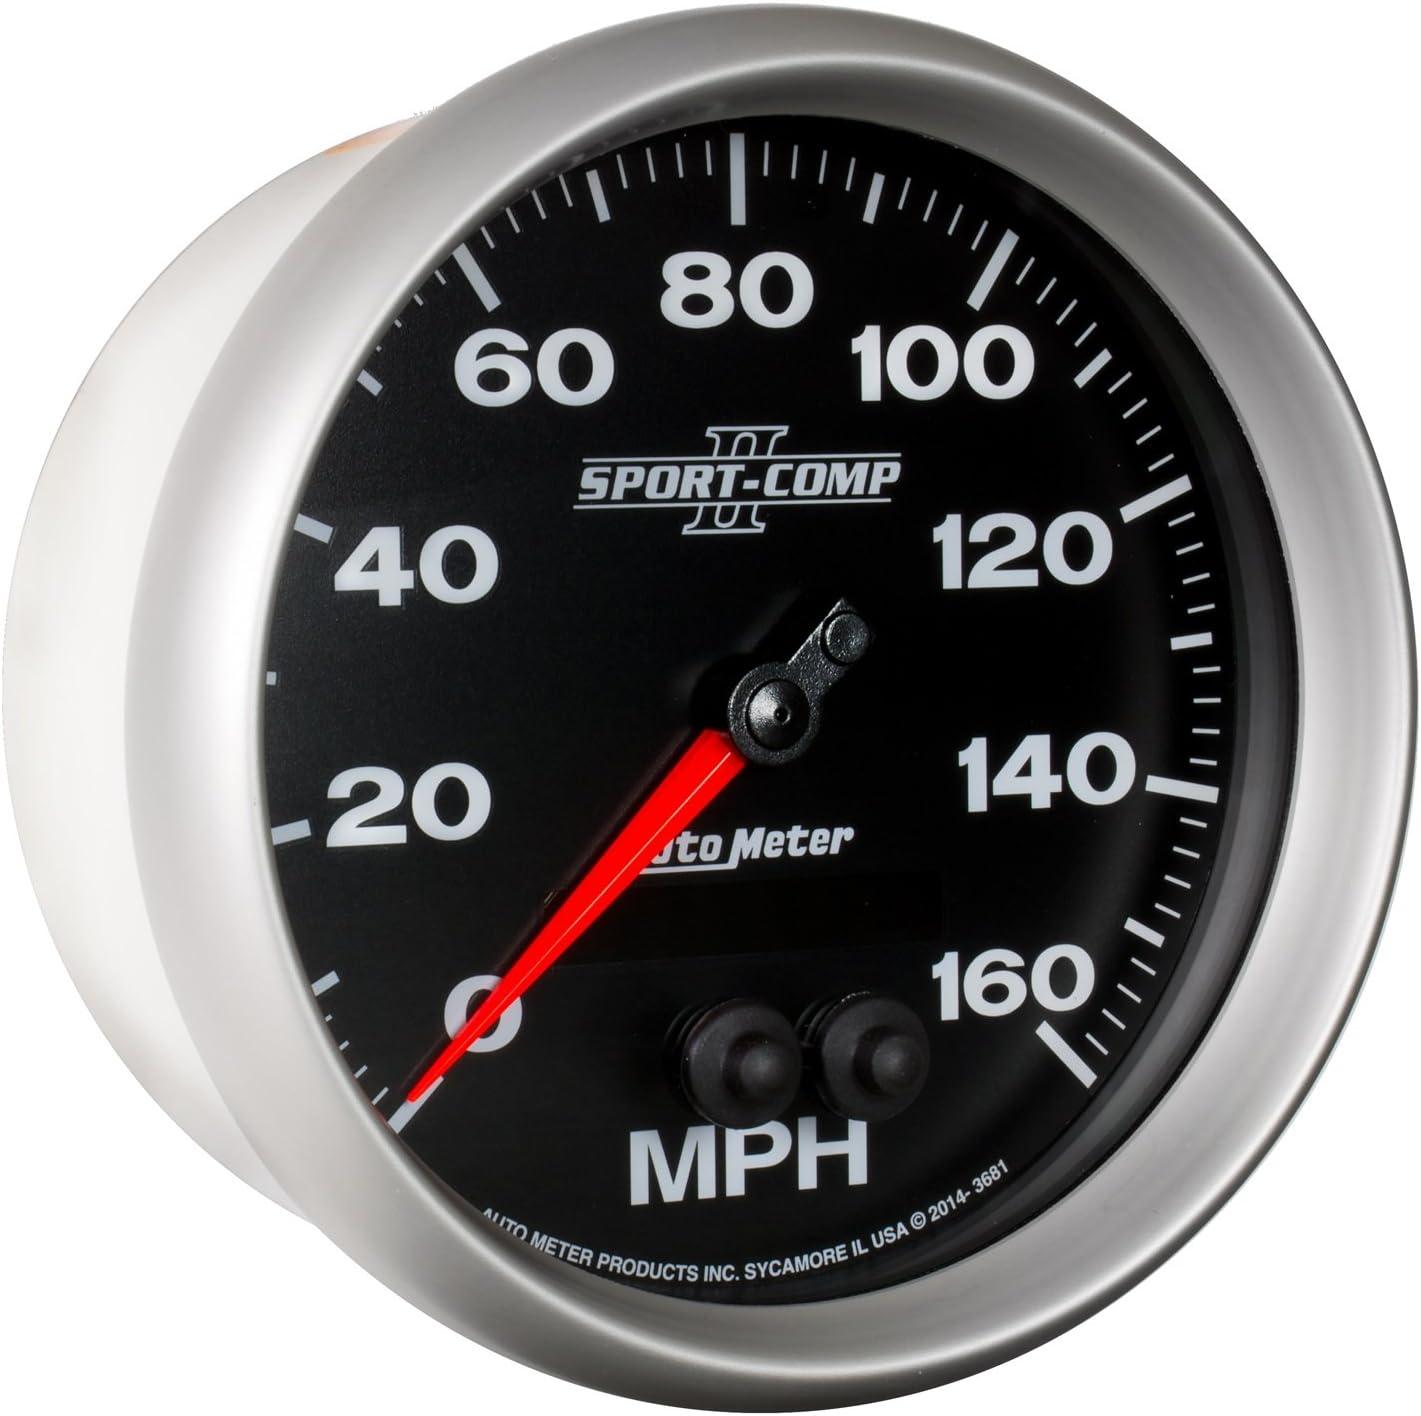 Auto Meter 3681 SPORT-COMP II 5 GPS Speedometer 0-160 MPH